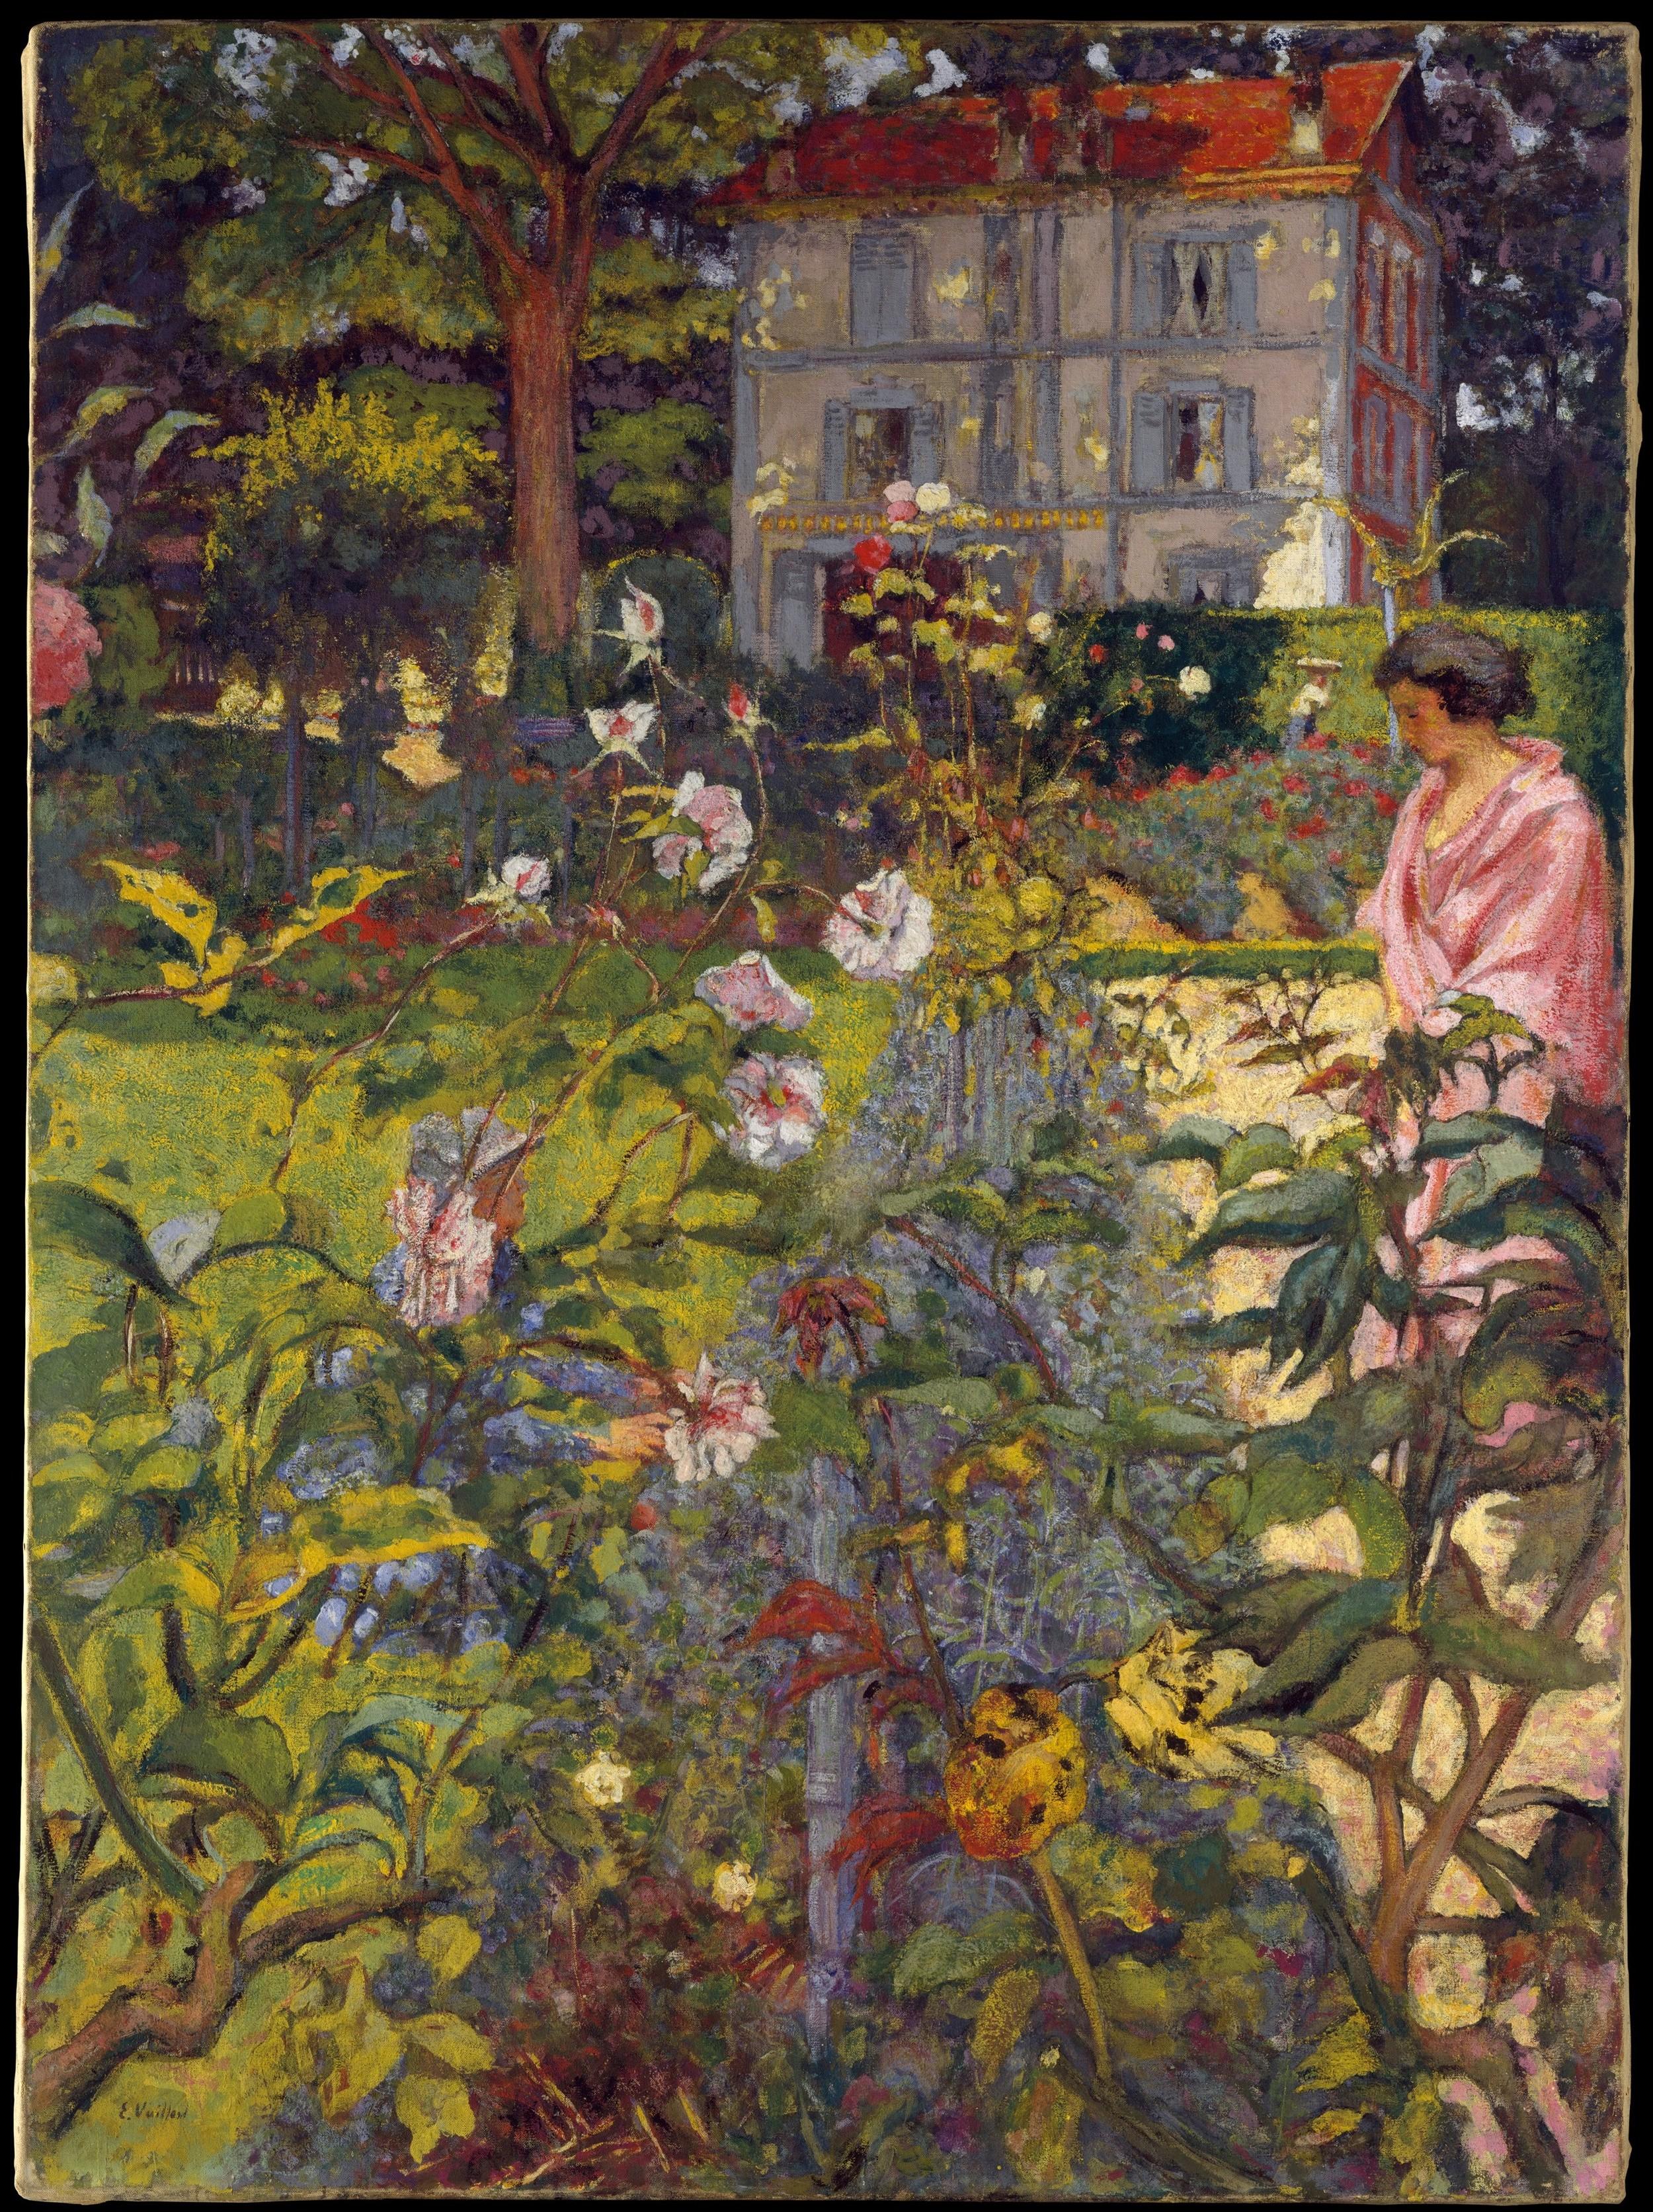 Edouard Vuillard, Garden at Vaucresson, 1920, Distemper on canvas